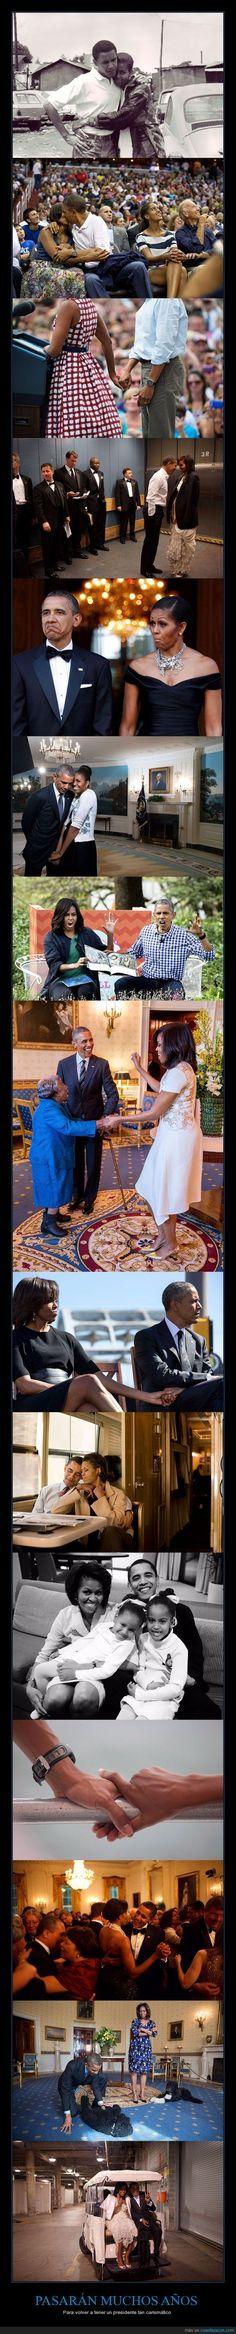 15 fotos de amor entre Michelle y Barack Obama que harán que ya les echemos de menos - Para volver a tener un presidente tan carismático Gracias a http://www.cuantarazon.com/ Si quieres leer la noticia completa visita: http://www.skylight-imagen.com/15-fotos-de-amor-entre-michelle-y-barack-obama-que-haran-que-ya-les-echemos-de-menos-para-volver-a-tener-un-presidente-tan-carismatico/